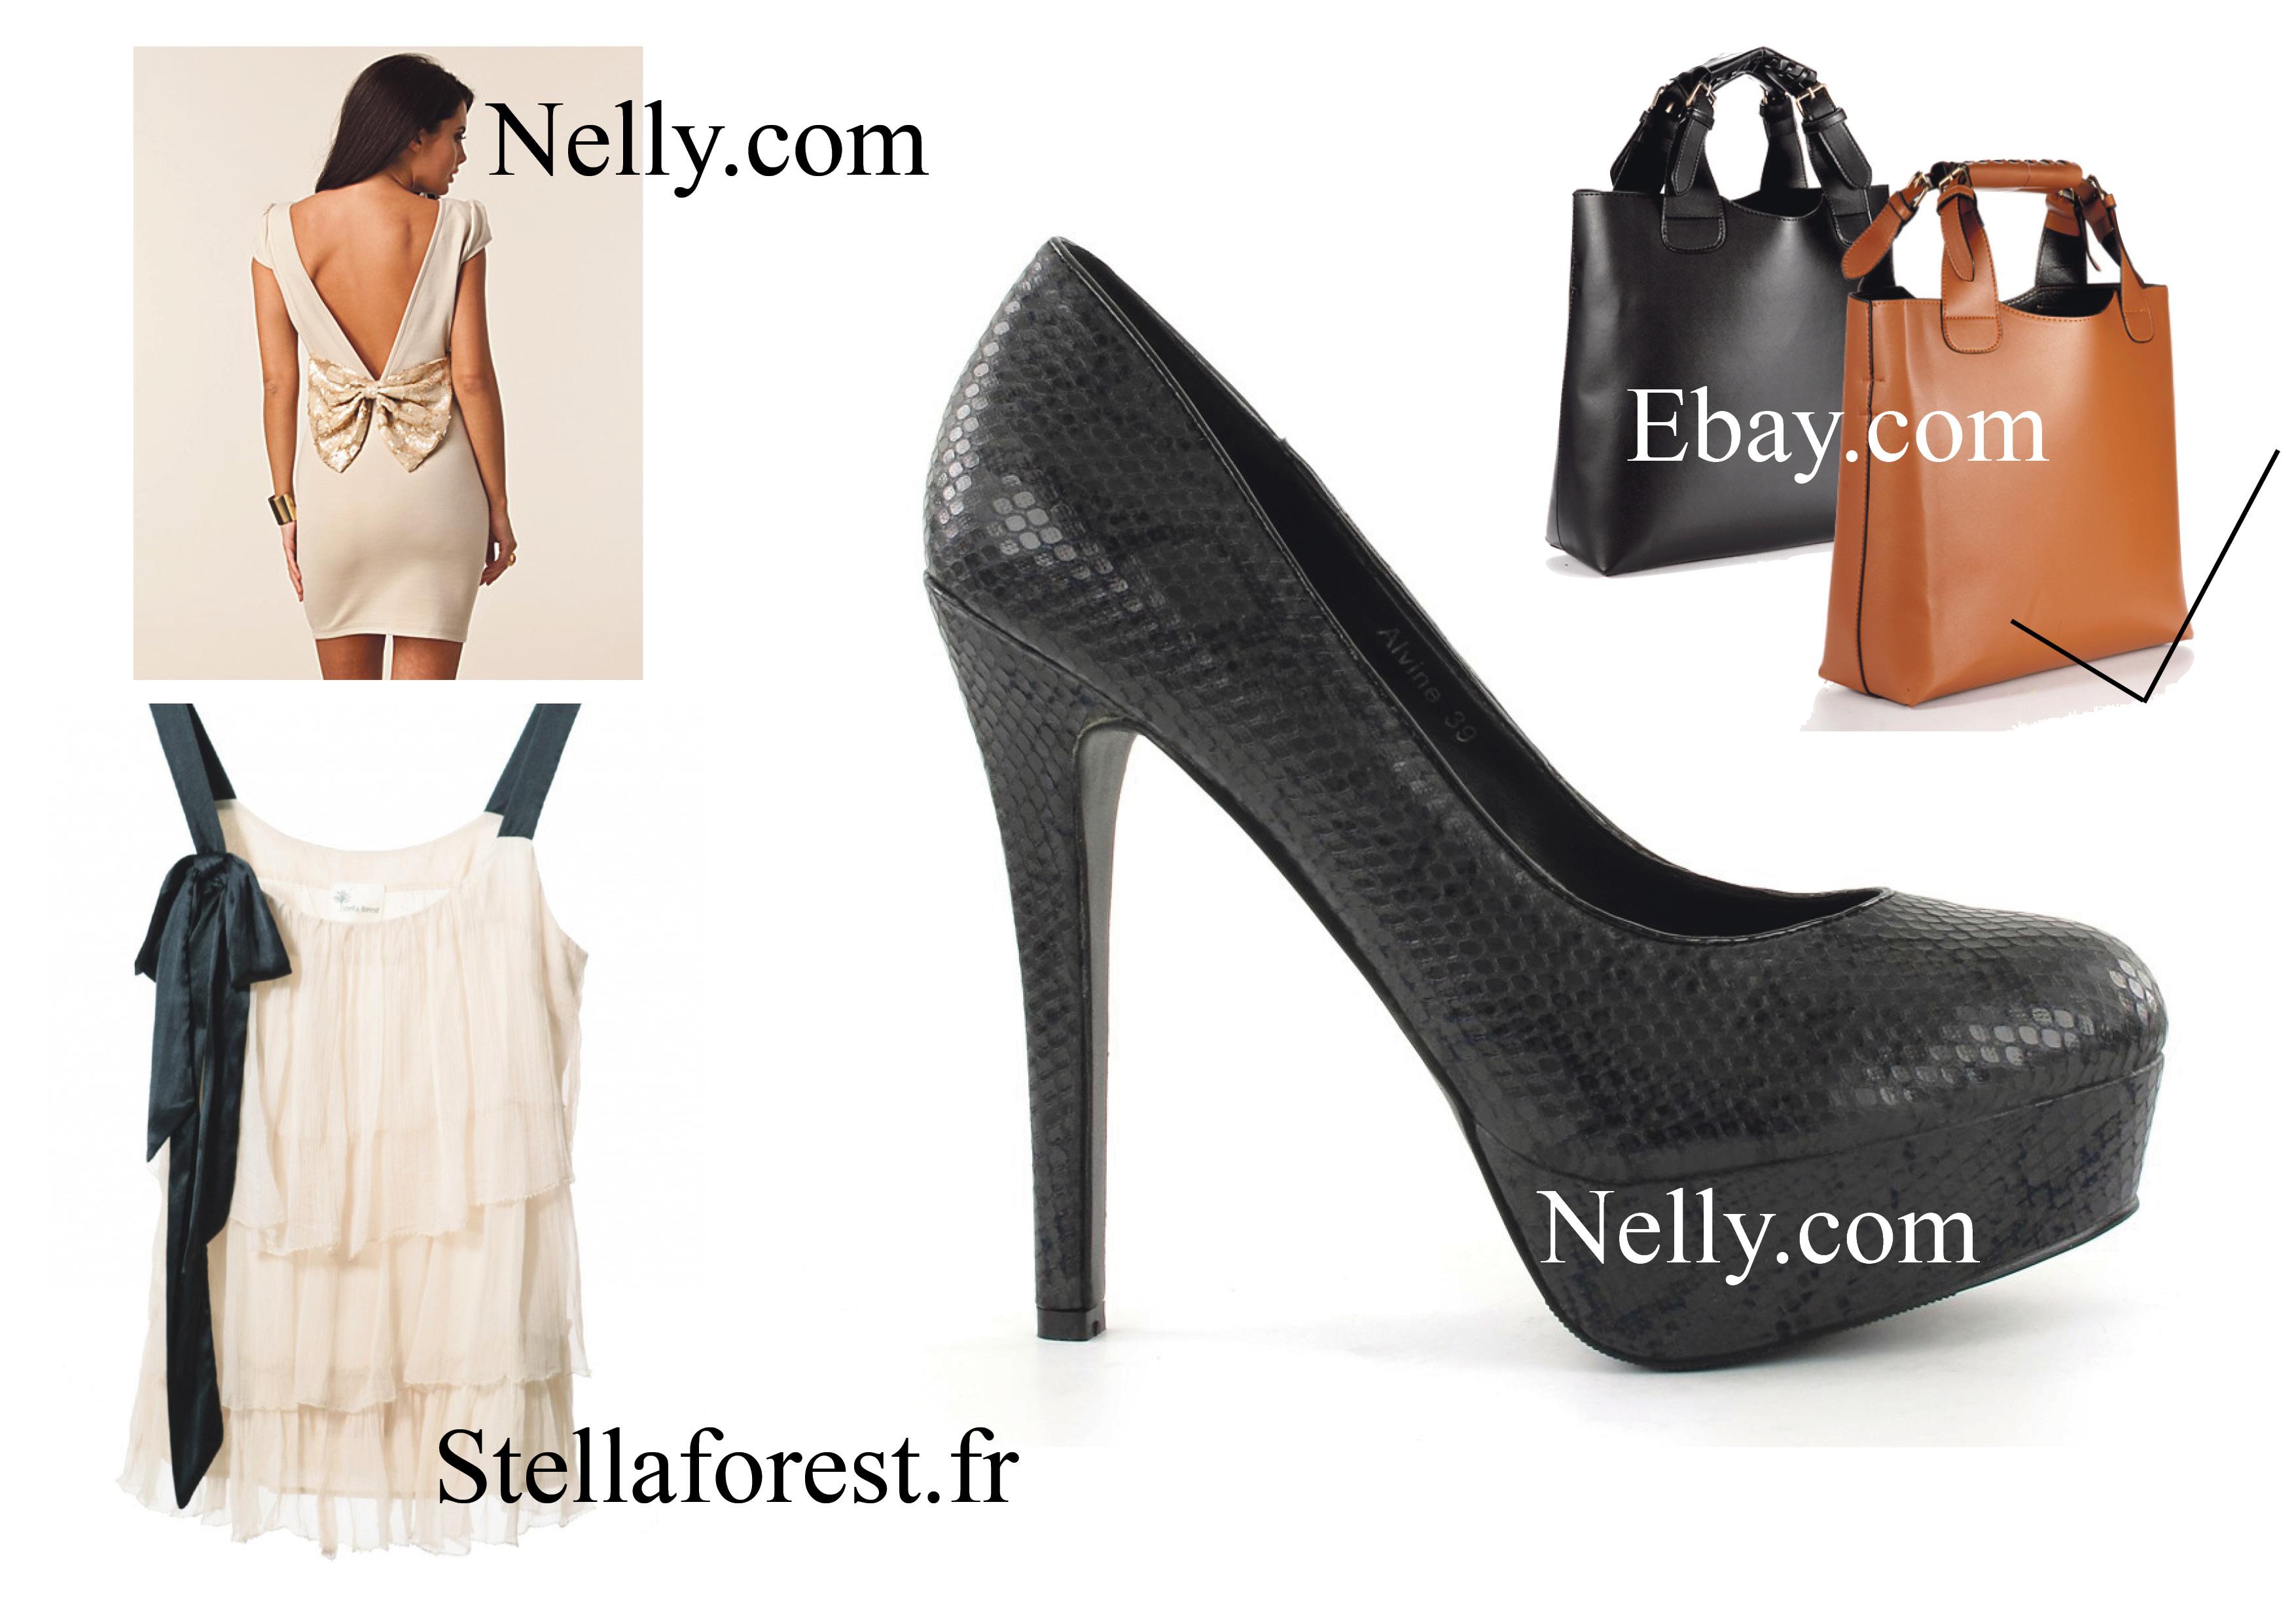 61fe668e3e53 ... super skønne top fra Stellaforest som jeg rigtig godt kunne tænke mig  at eje. Endvidere har jeg fundet på Nelly denne kjole og de her sorte  stiletter ...